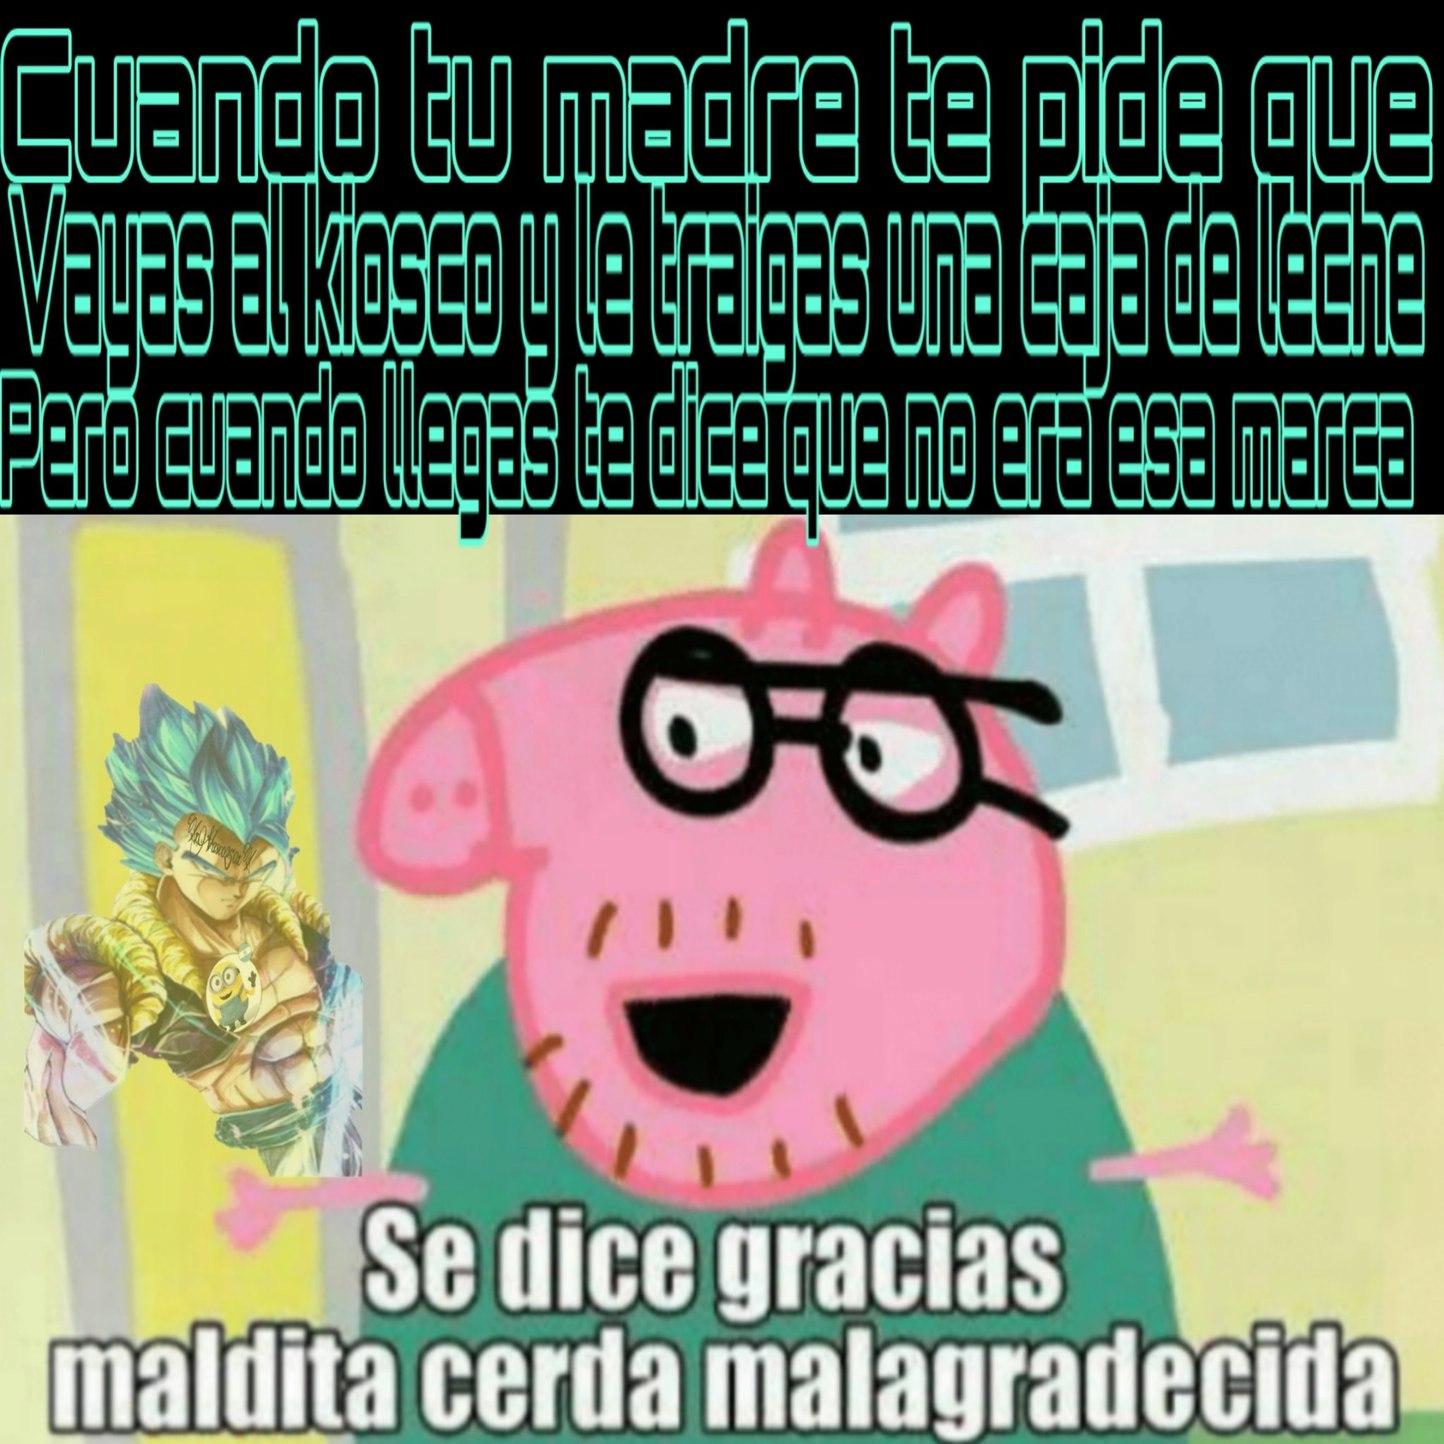 Peppa Pig es dios - meme